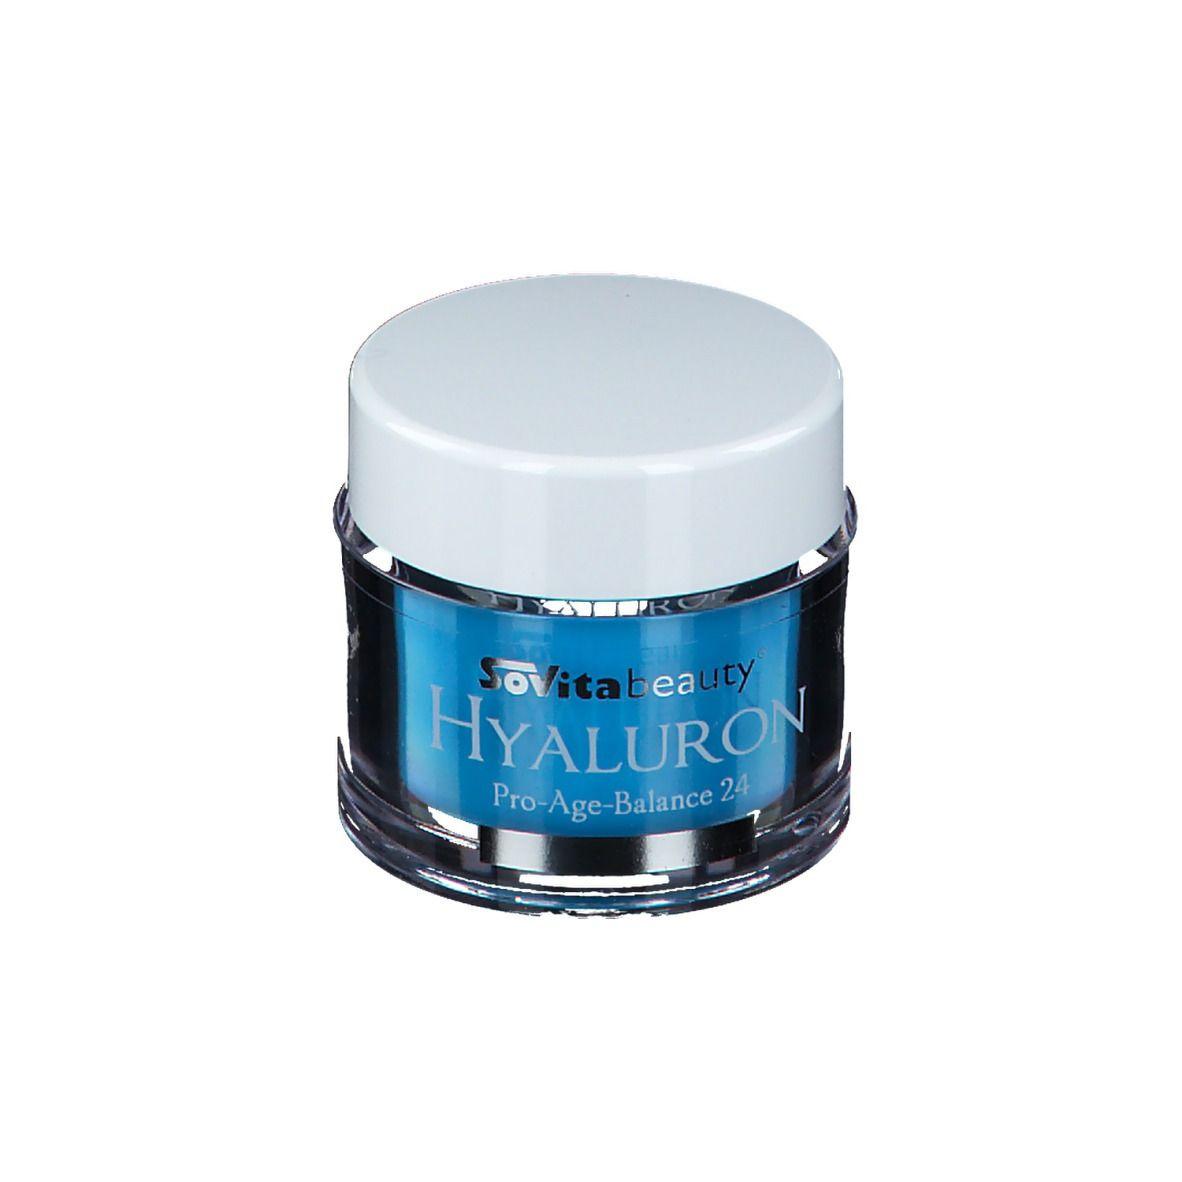 Image of SoVitabeauty® Hyaluron Pro-Age-Balance 24